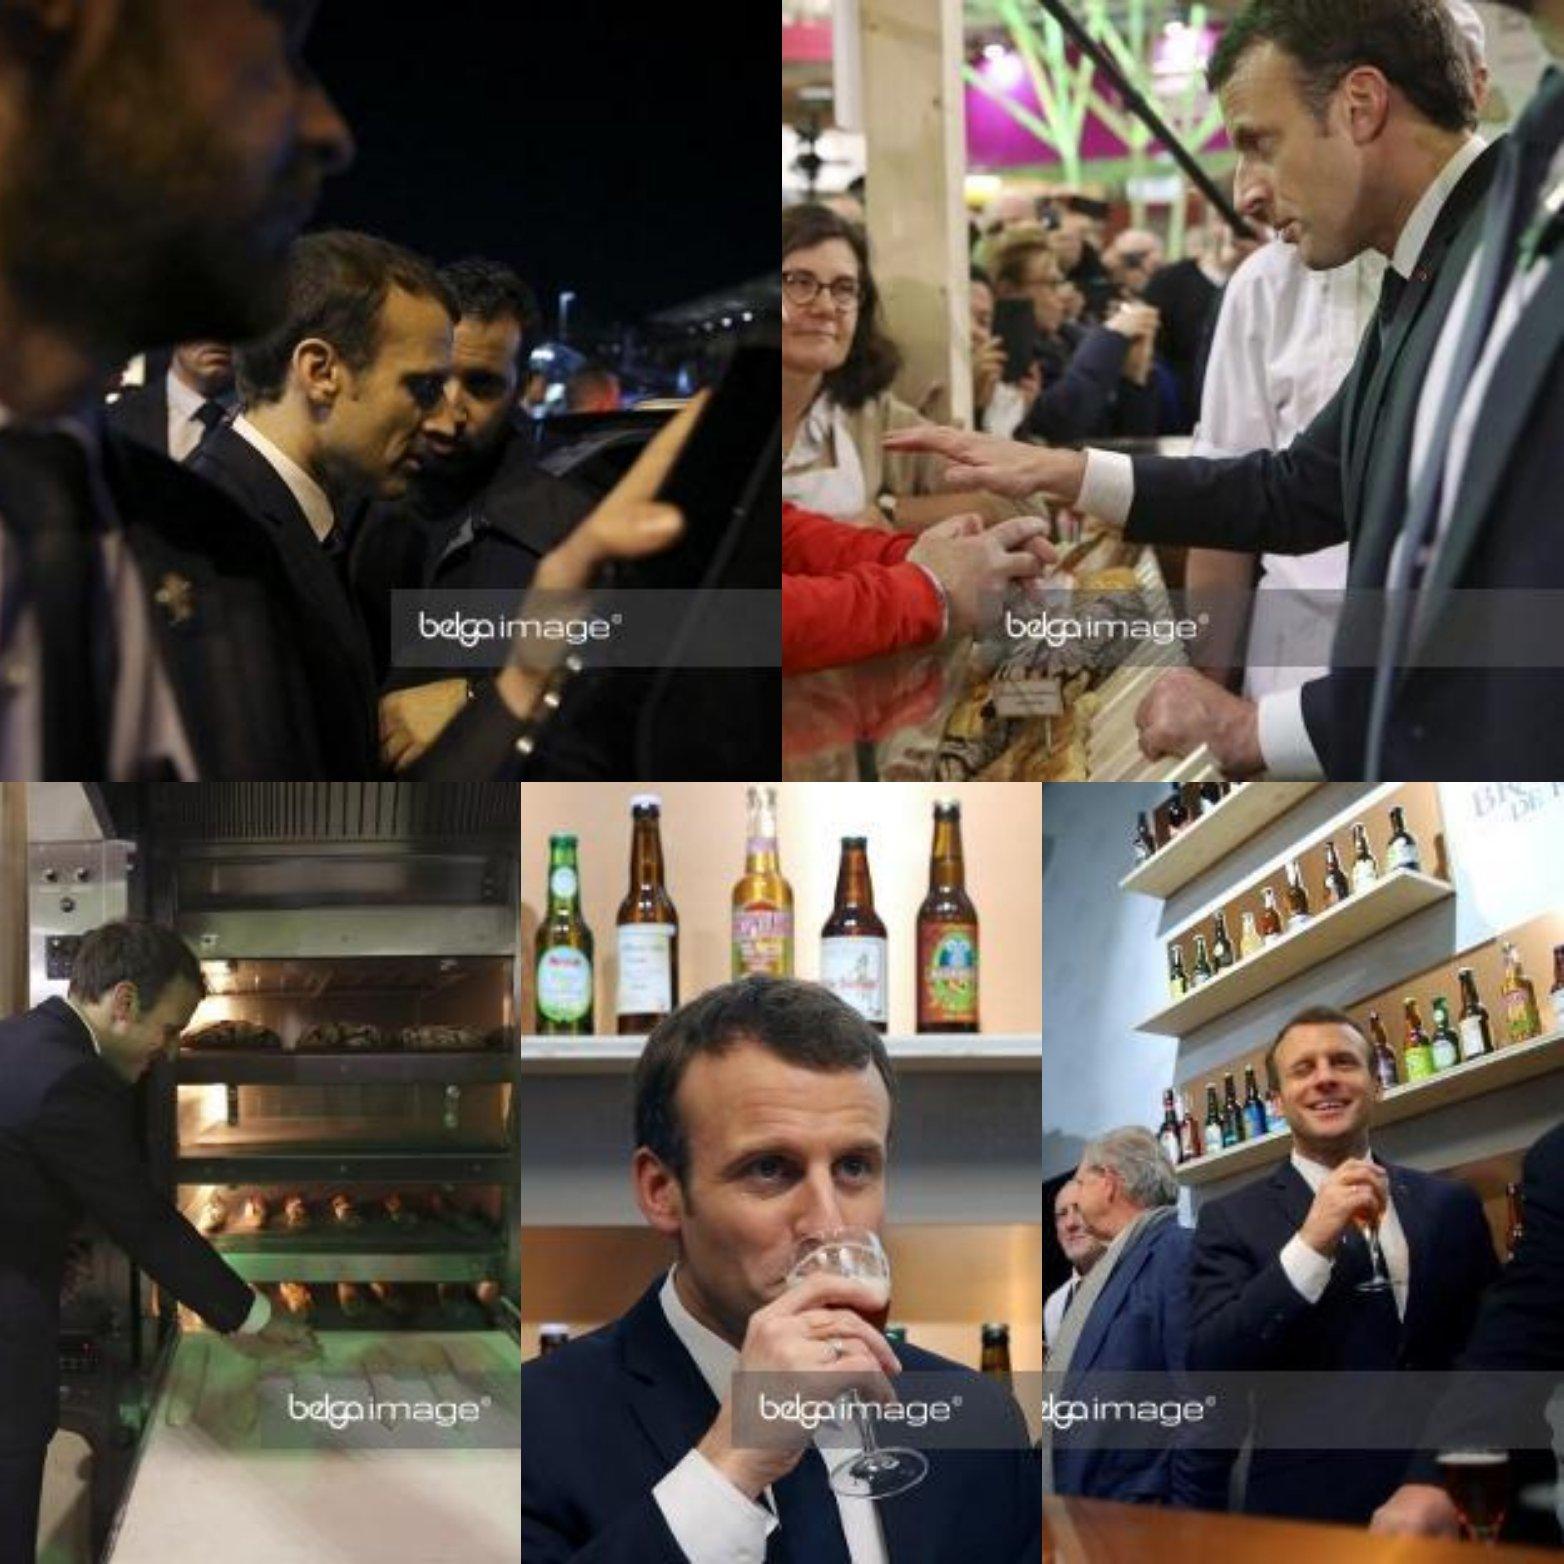 Emmanuel Macron au Salon de l'Agriculture 2018 #EmmanuelMacron #Macron #SIA2018 @EmmanuelMacron https://t.co/KyOkGKCzAA